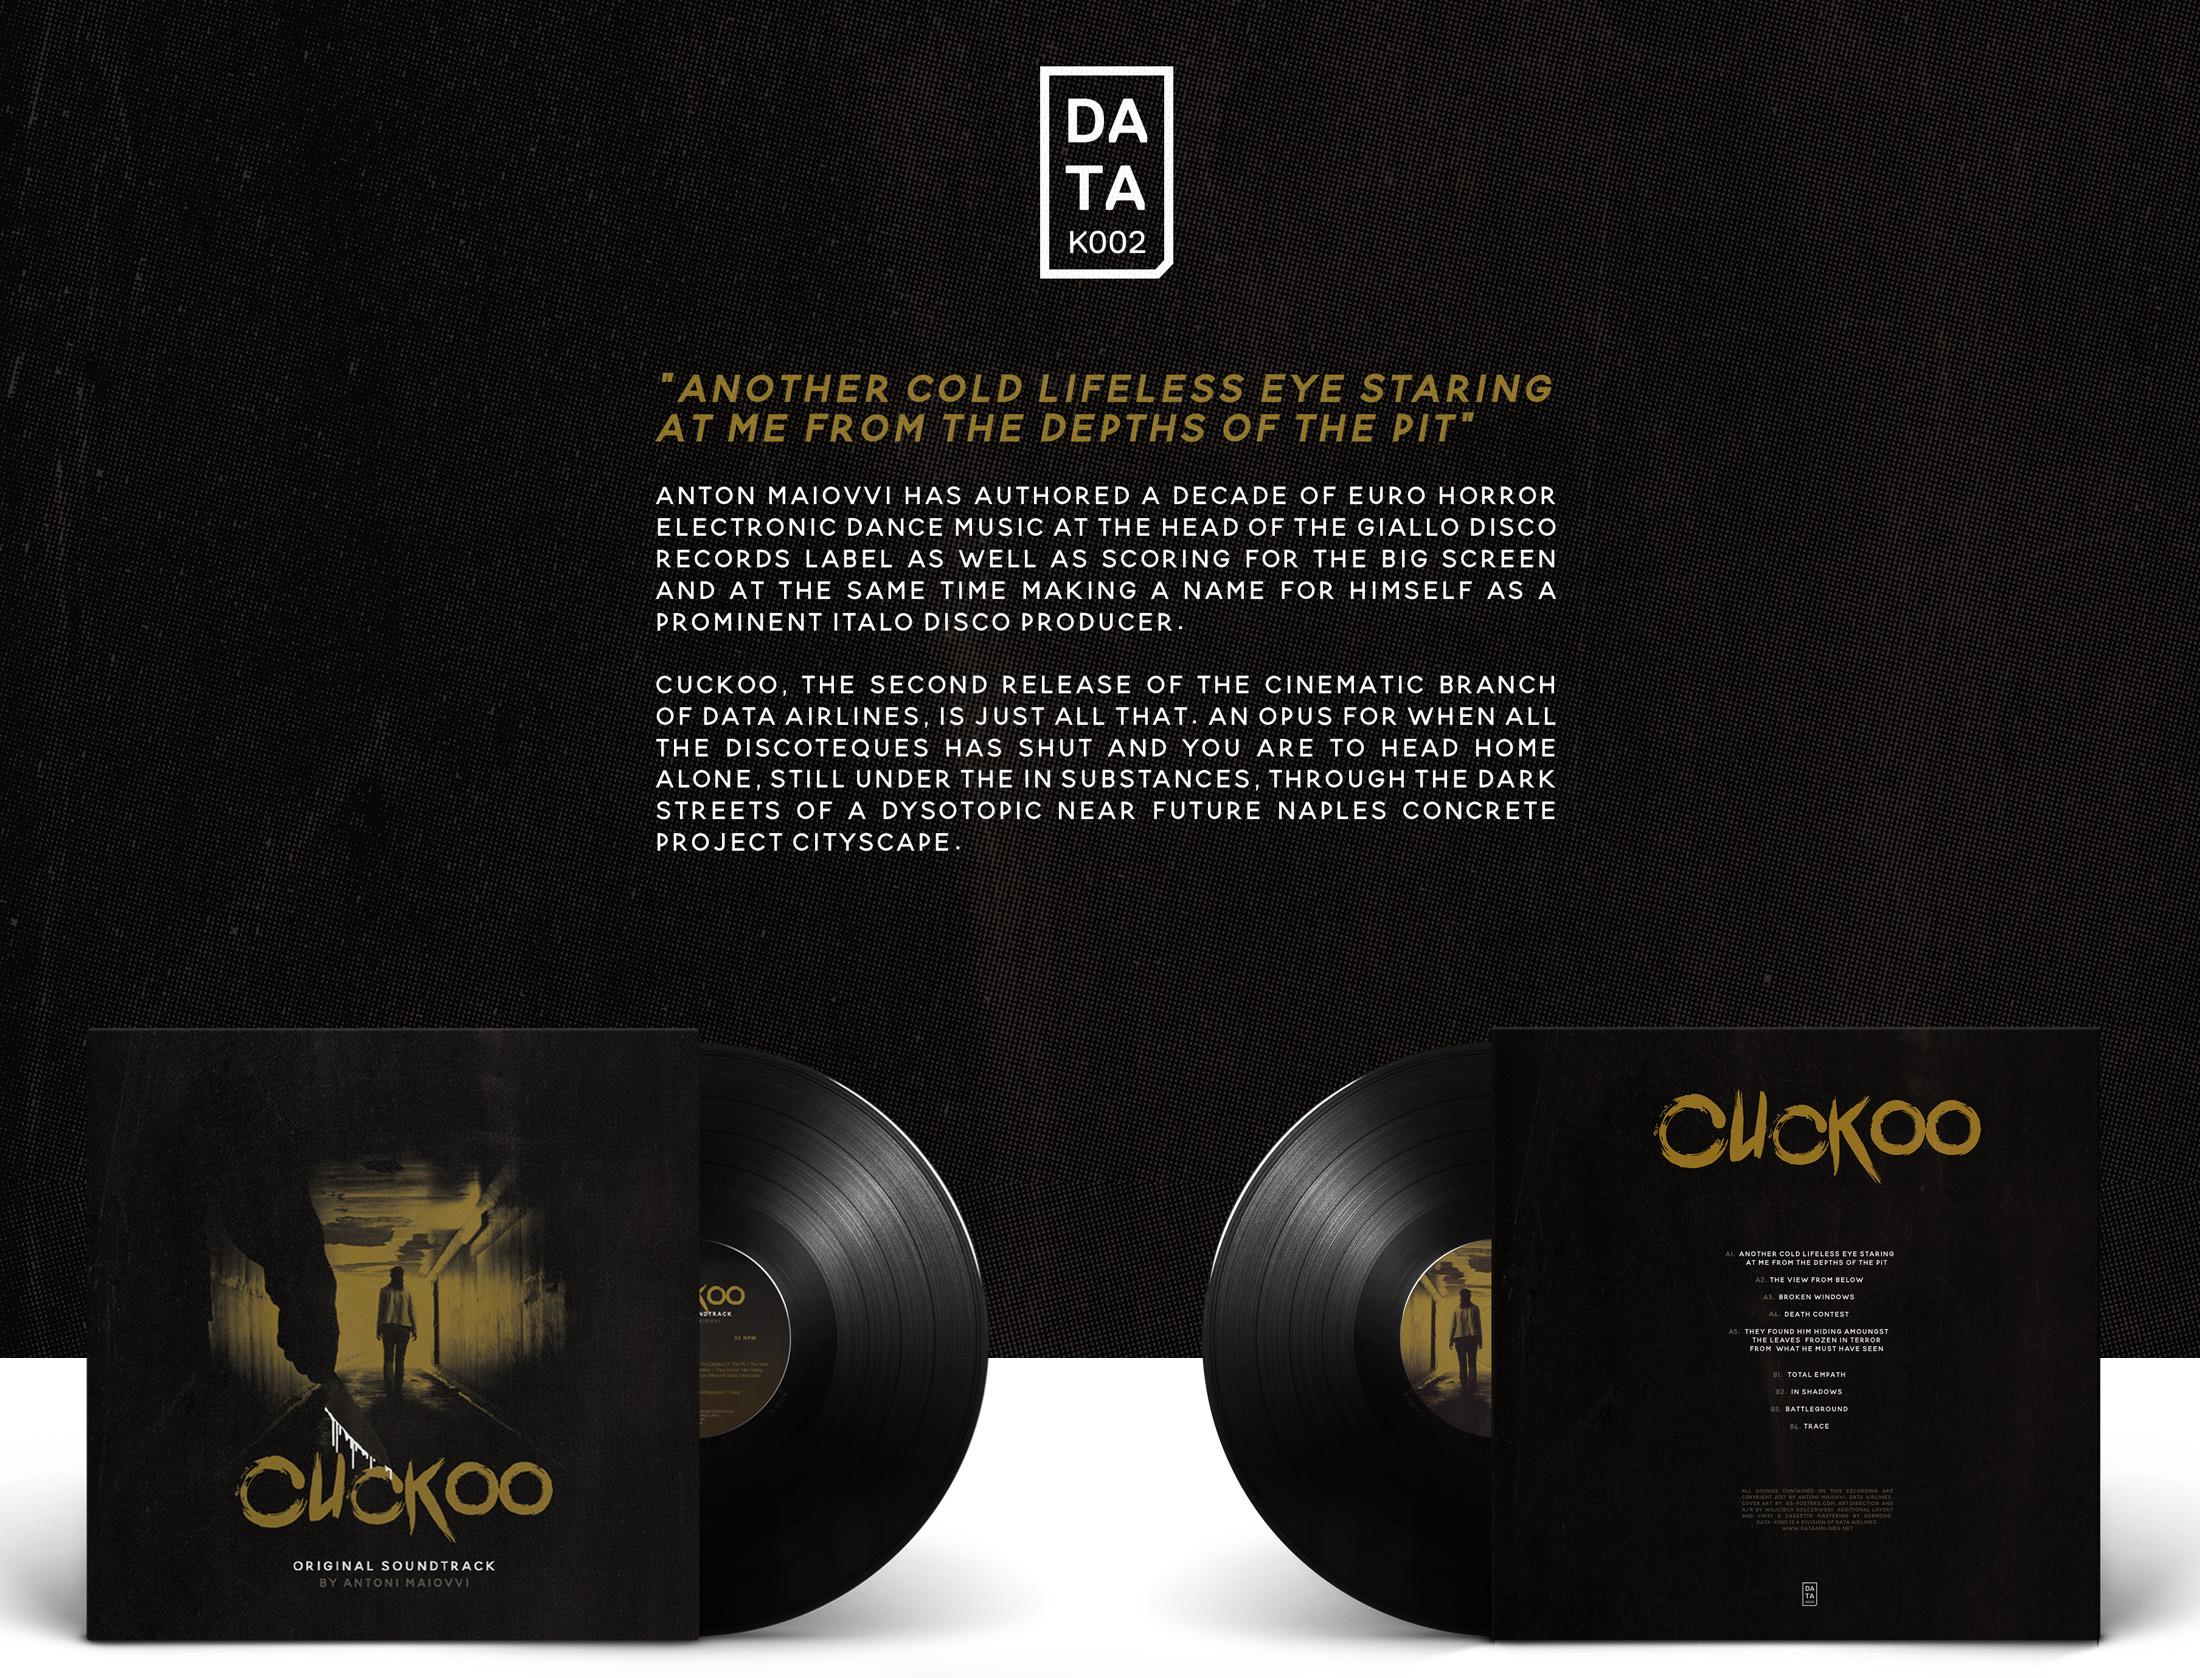 Cuckoo-3